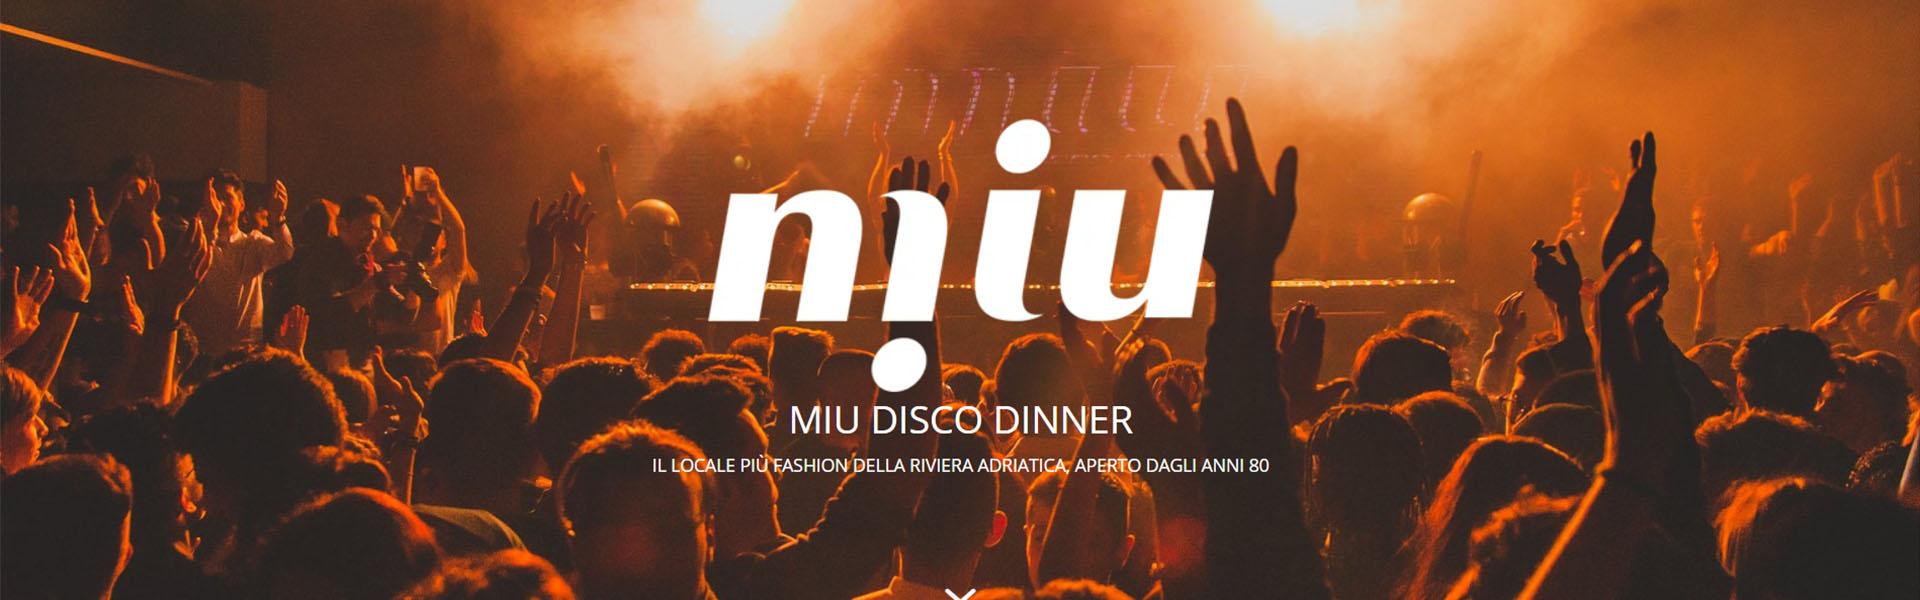 Miu Disco Dinner